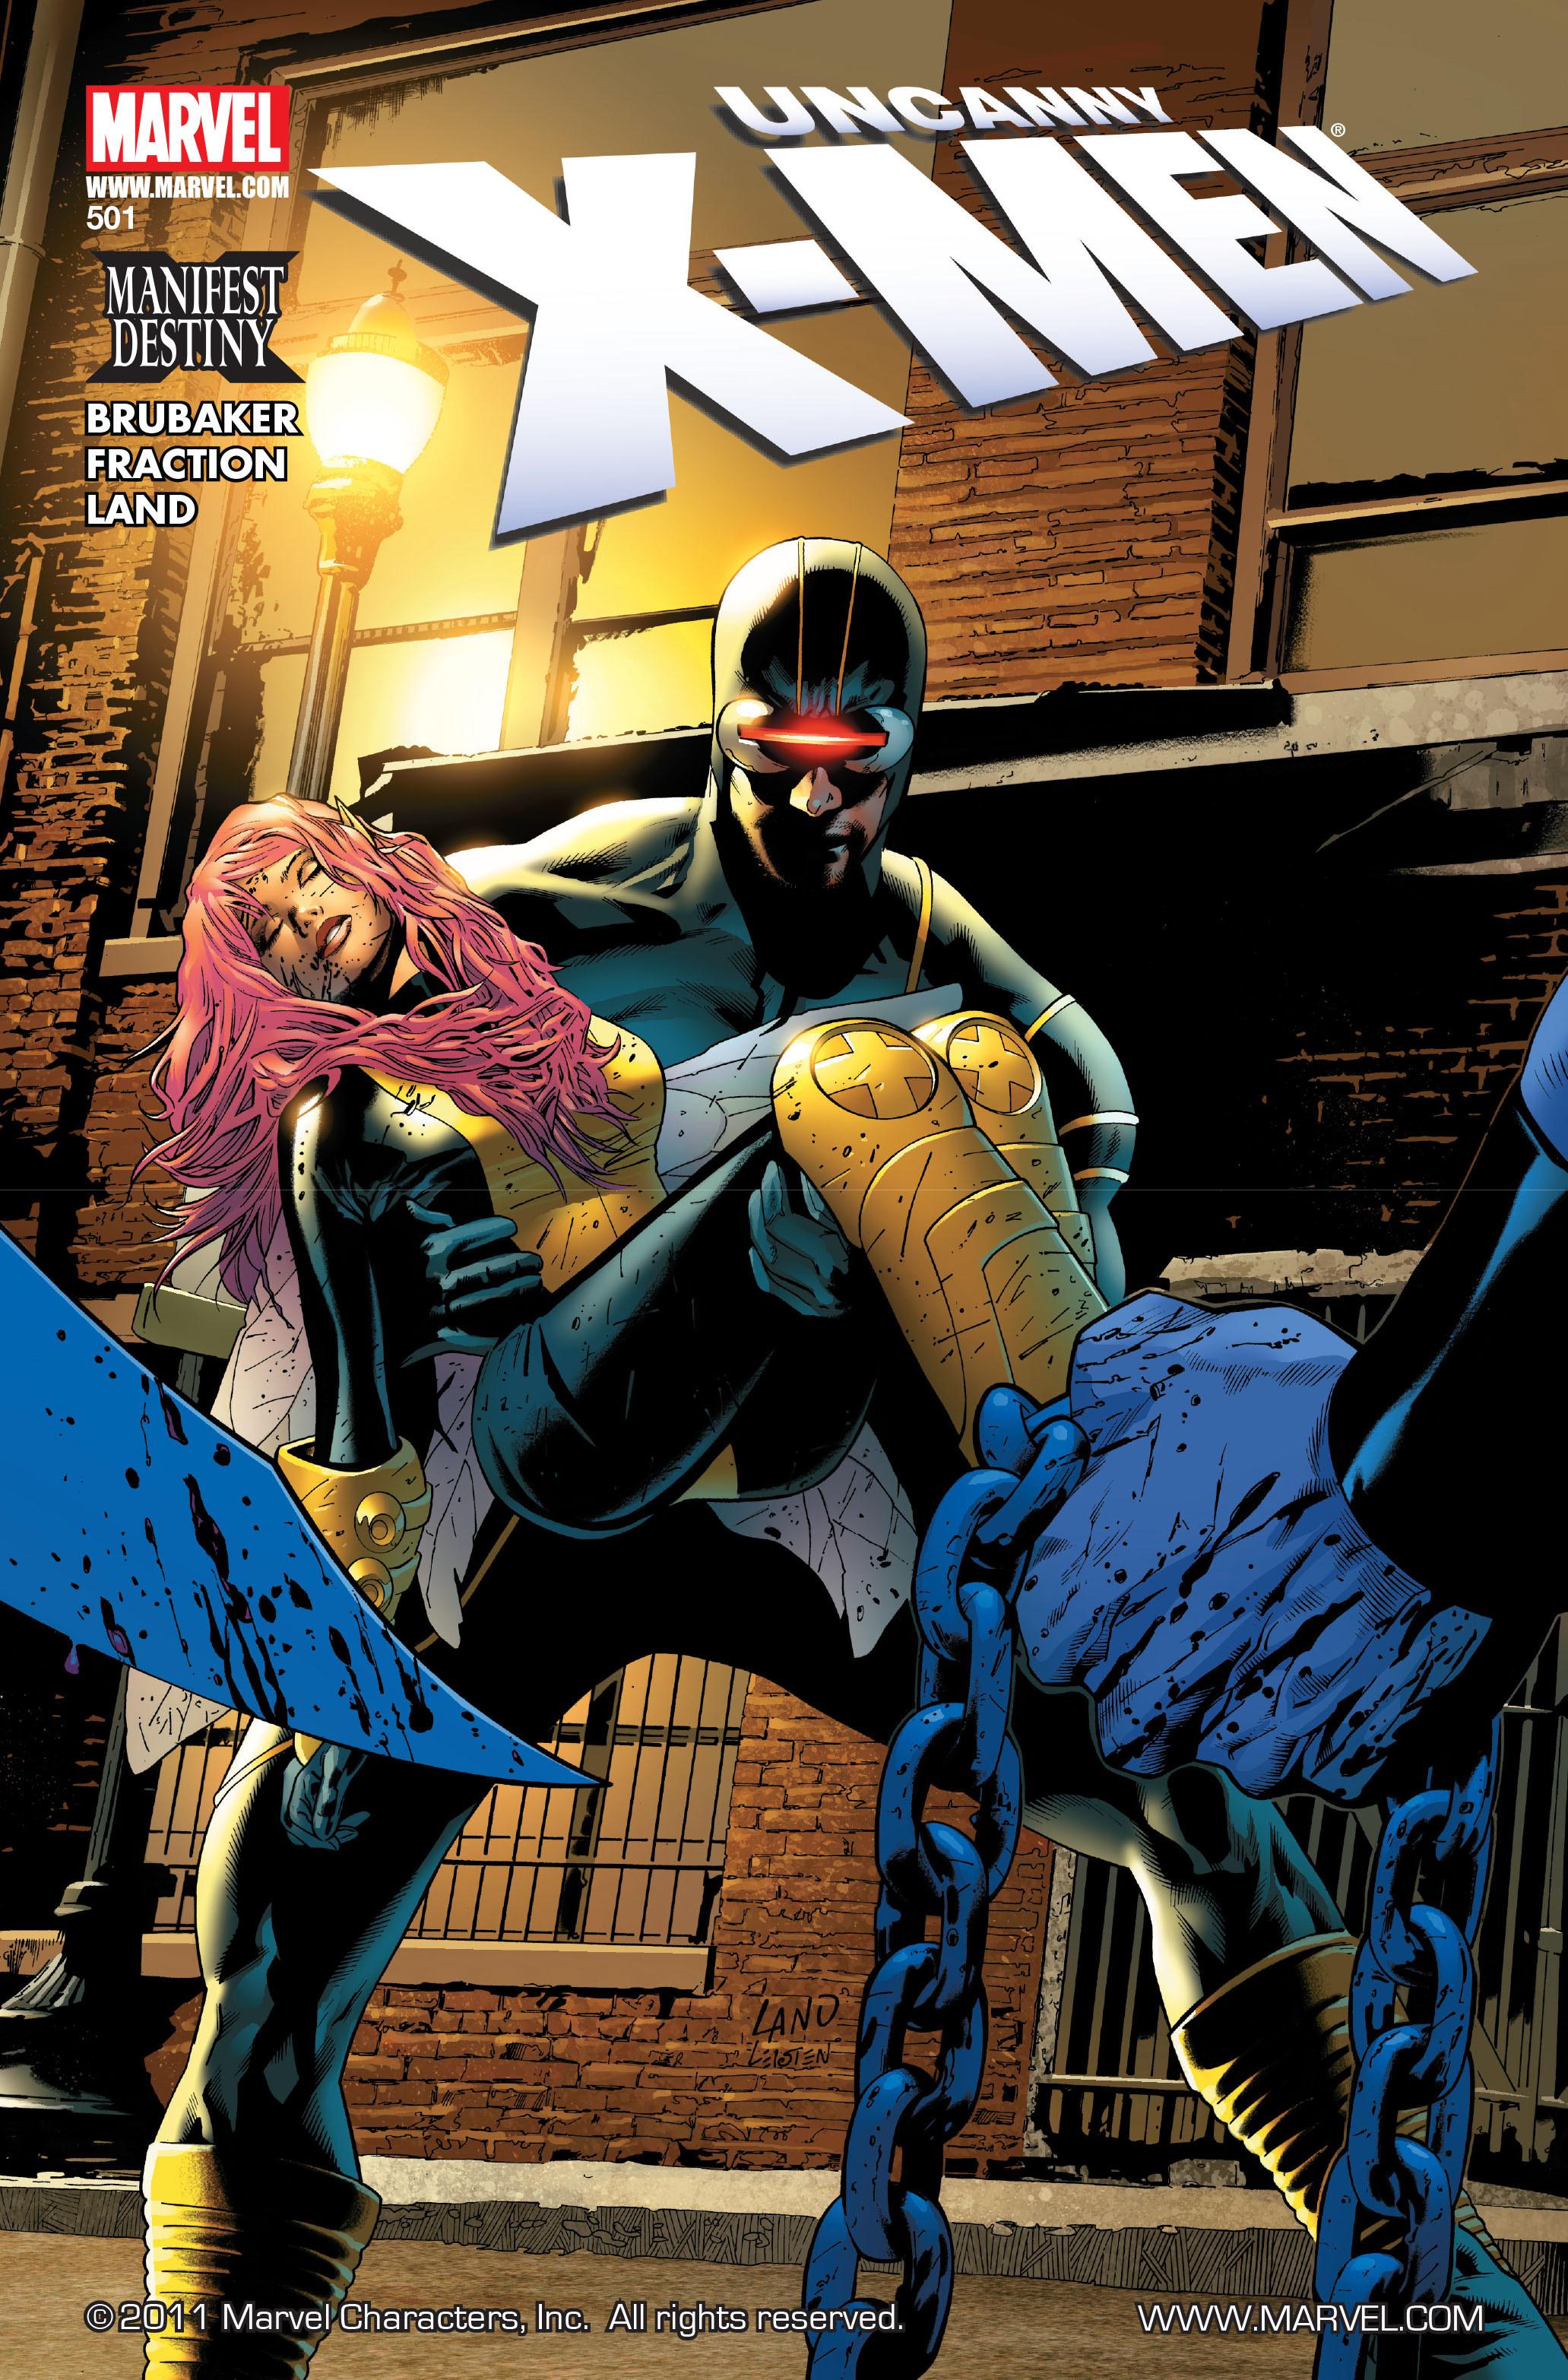 Uncanny X-Men Vol 1 501